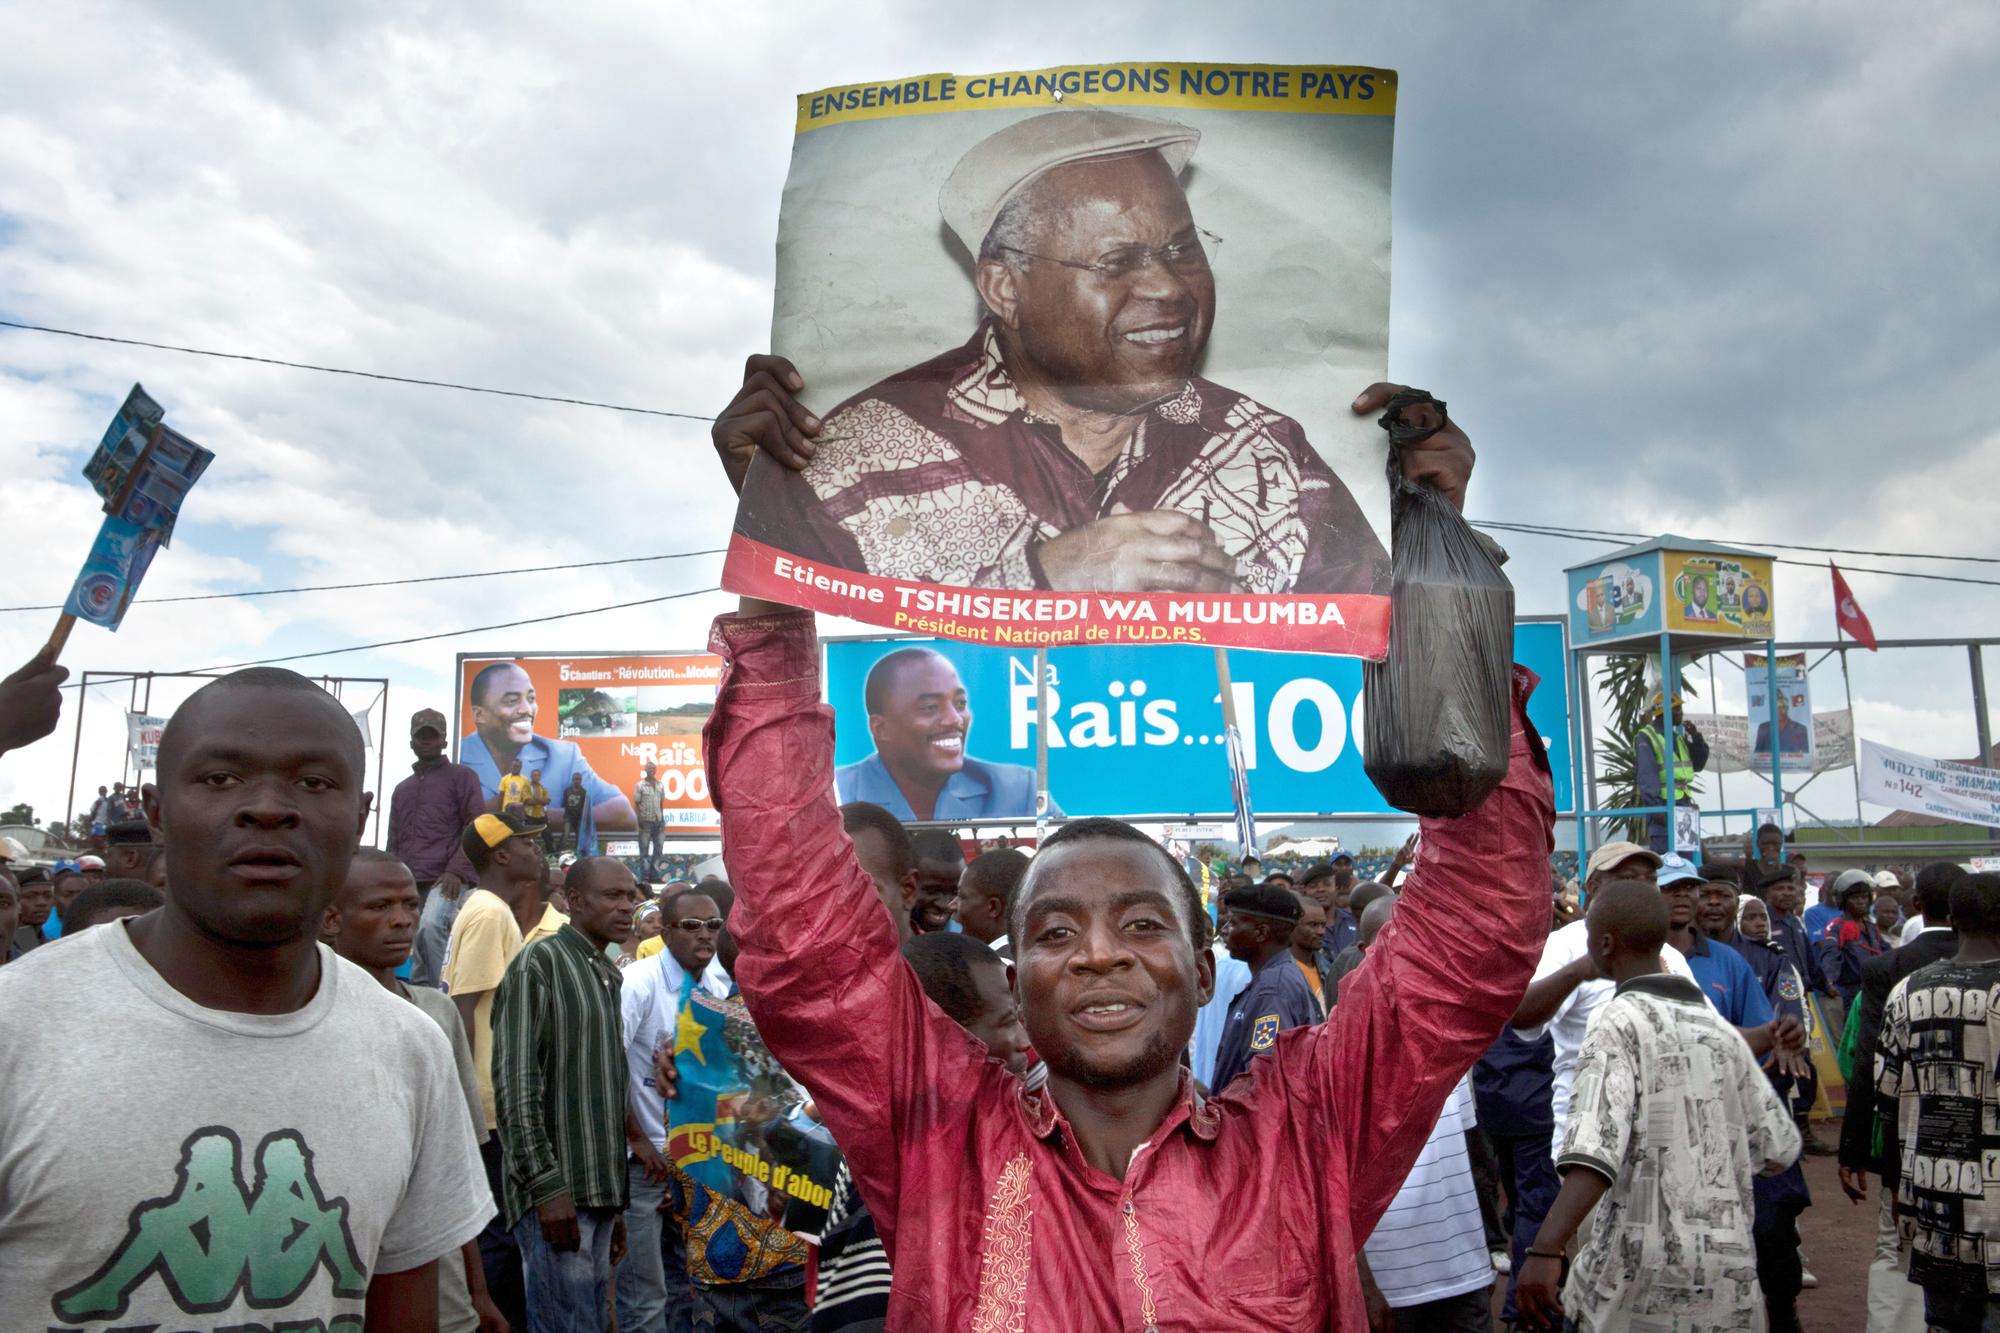 Présidentielle en RDC : Félix, l'autre Tshisekedi – Jeune Afrique